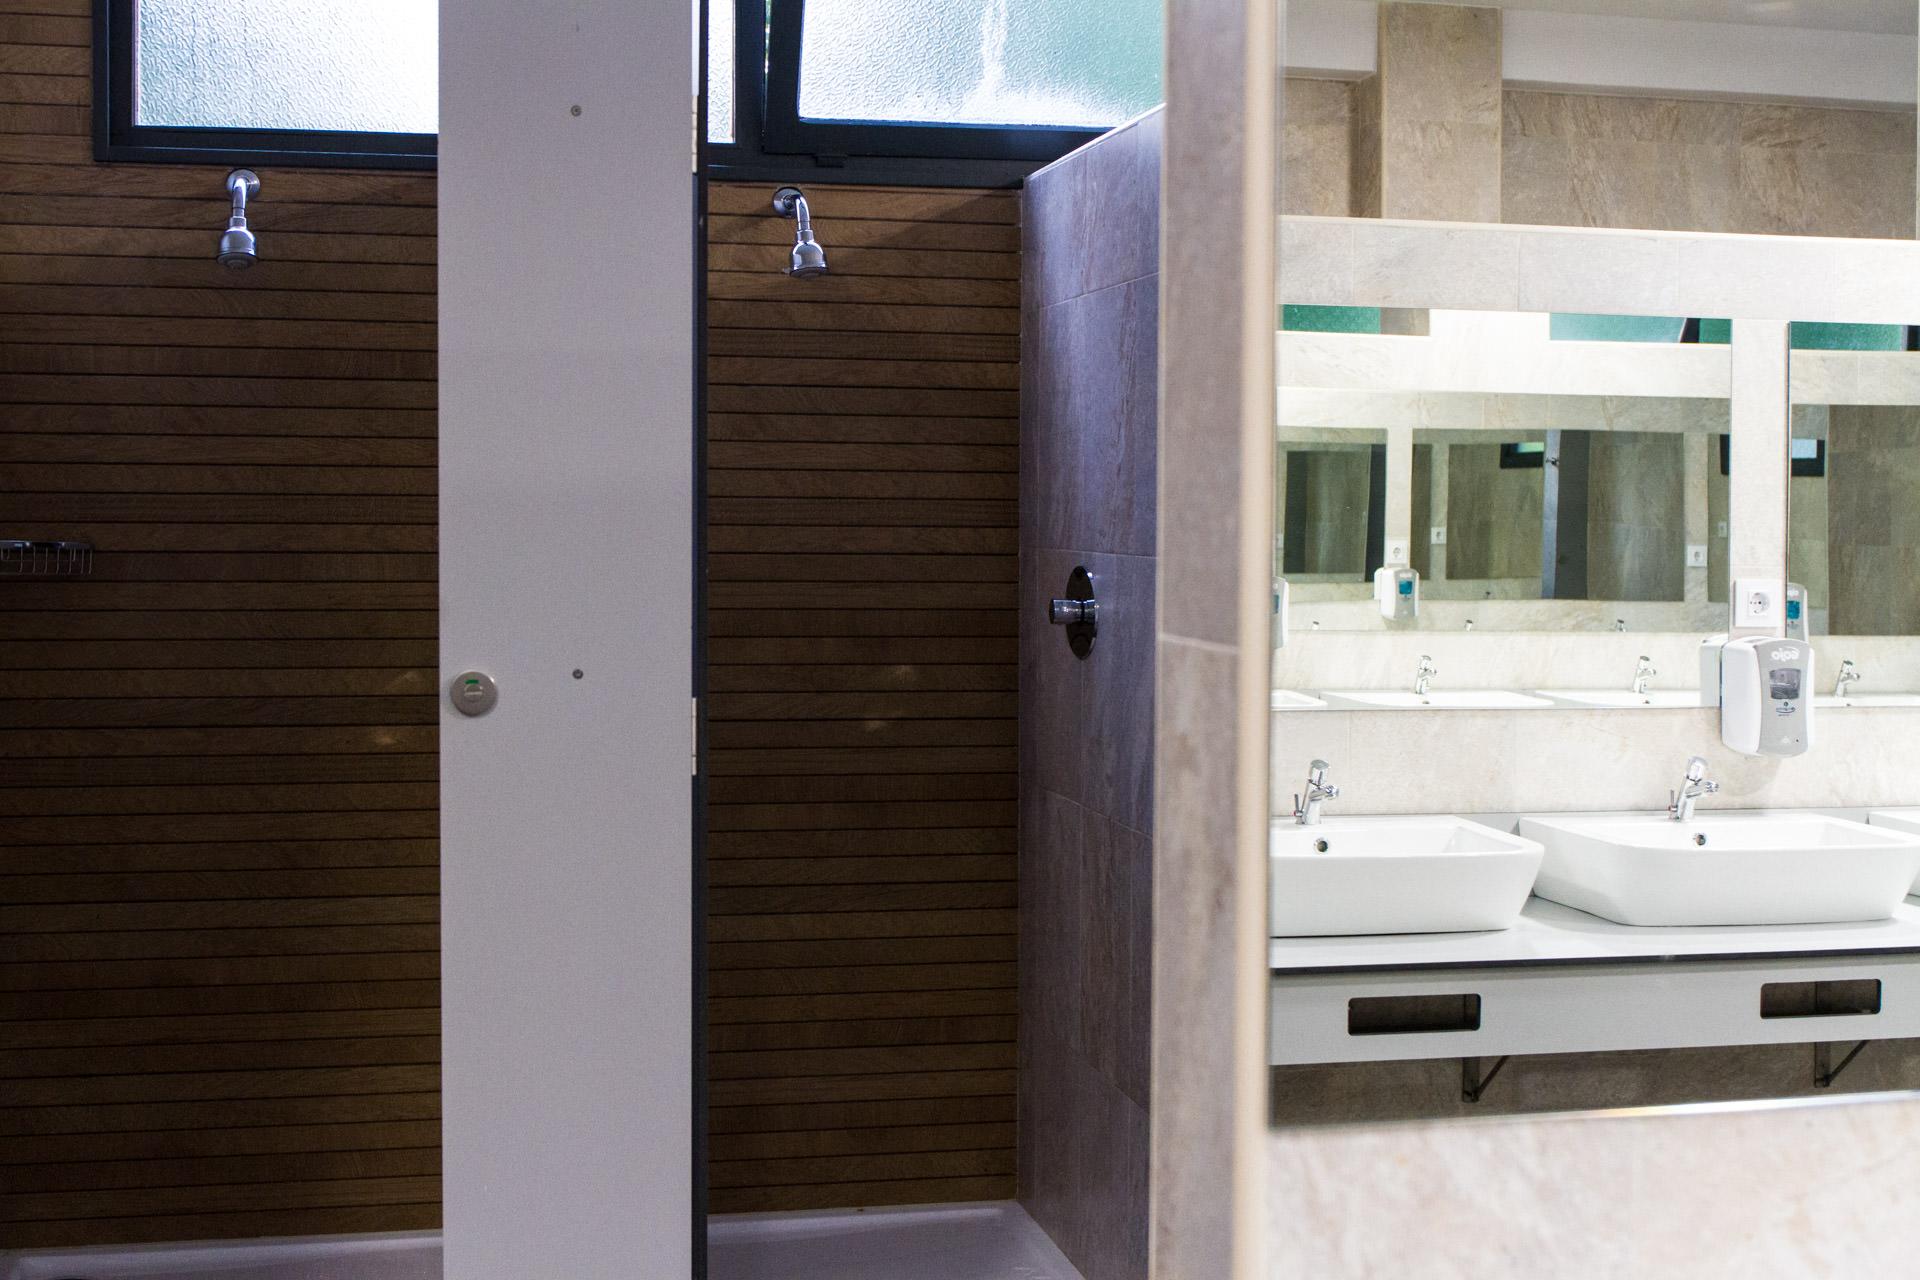 Vista del interior de las duchas y los lavabos